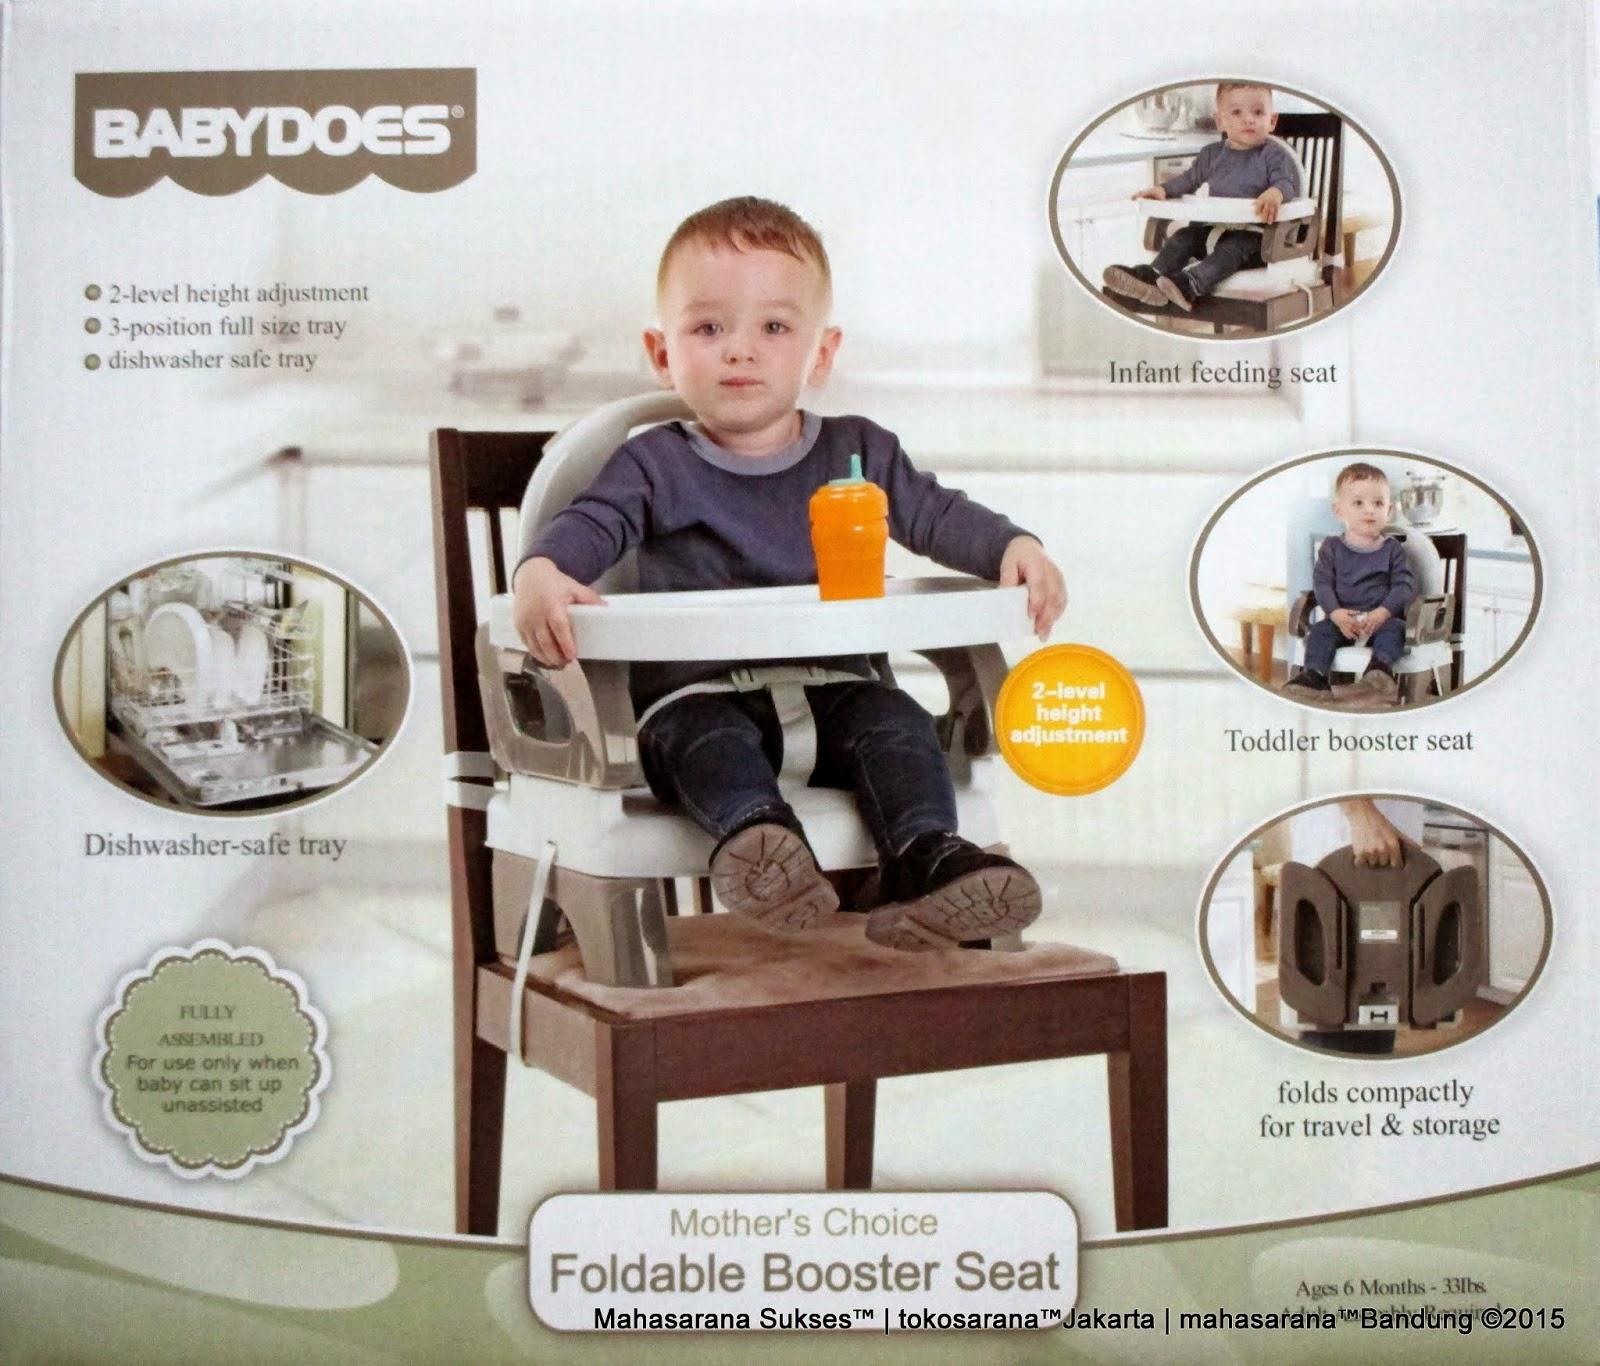 Swing Chair Mudah Leather Chaise Lounge Tokosaranajakarta Jatinegara Mahasarana Suksesbandung